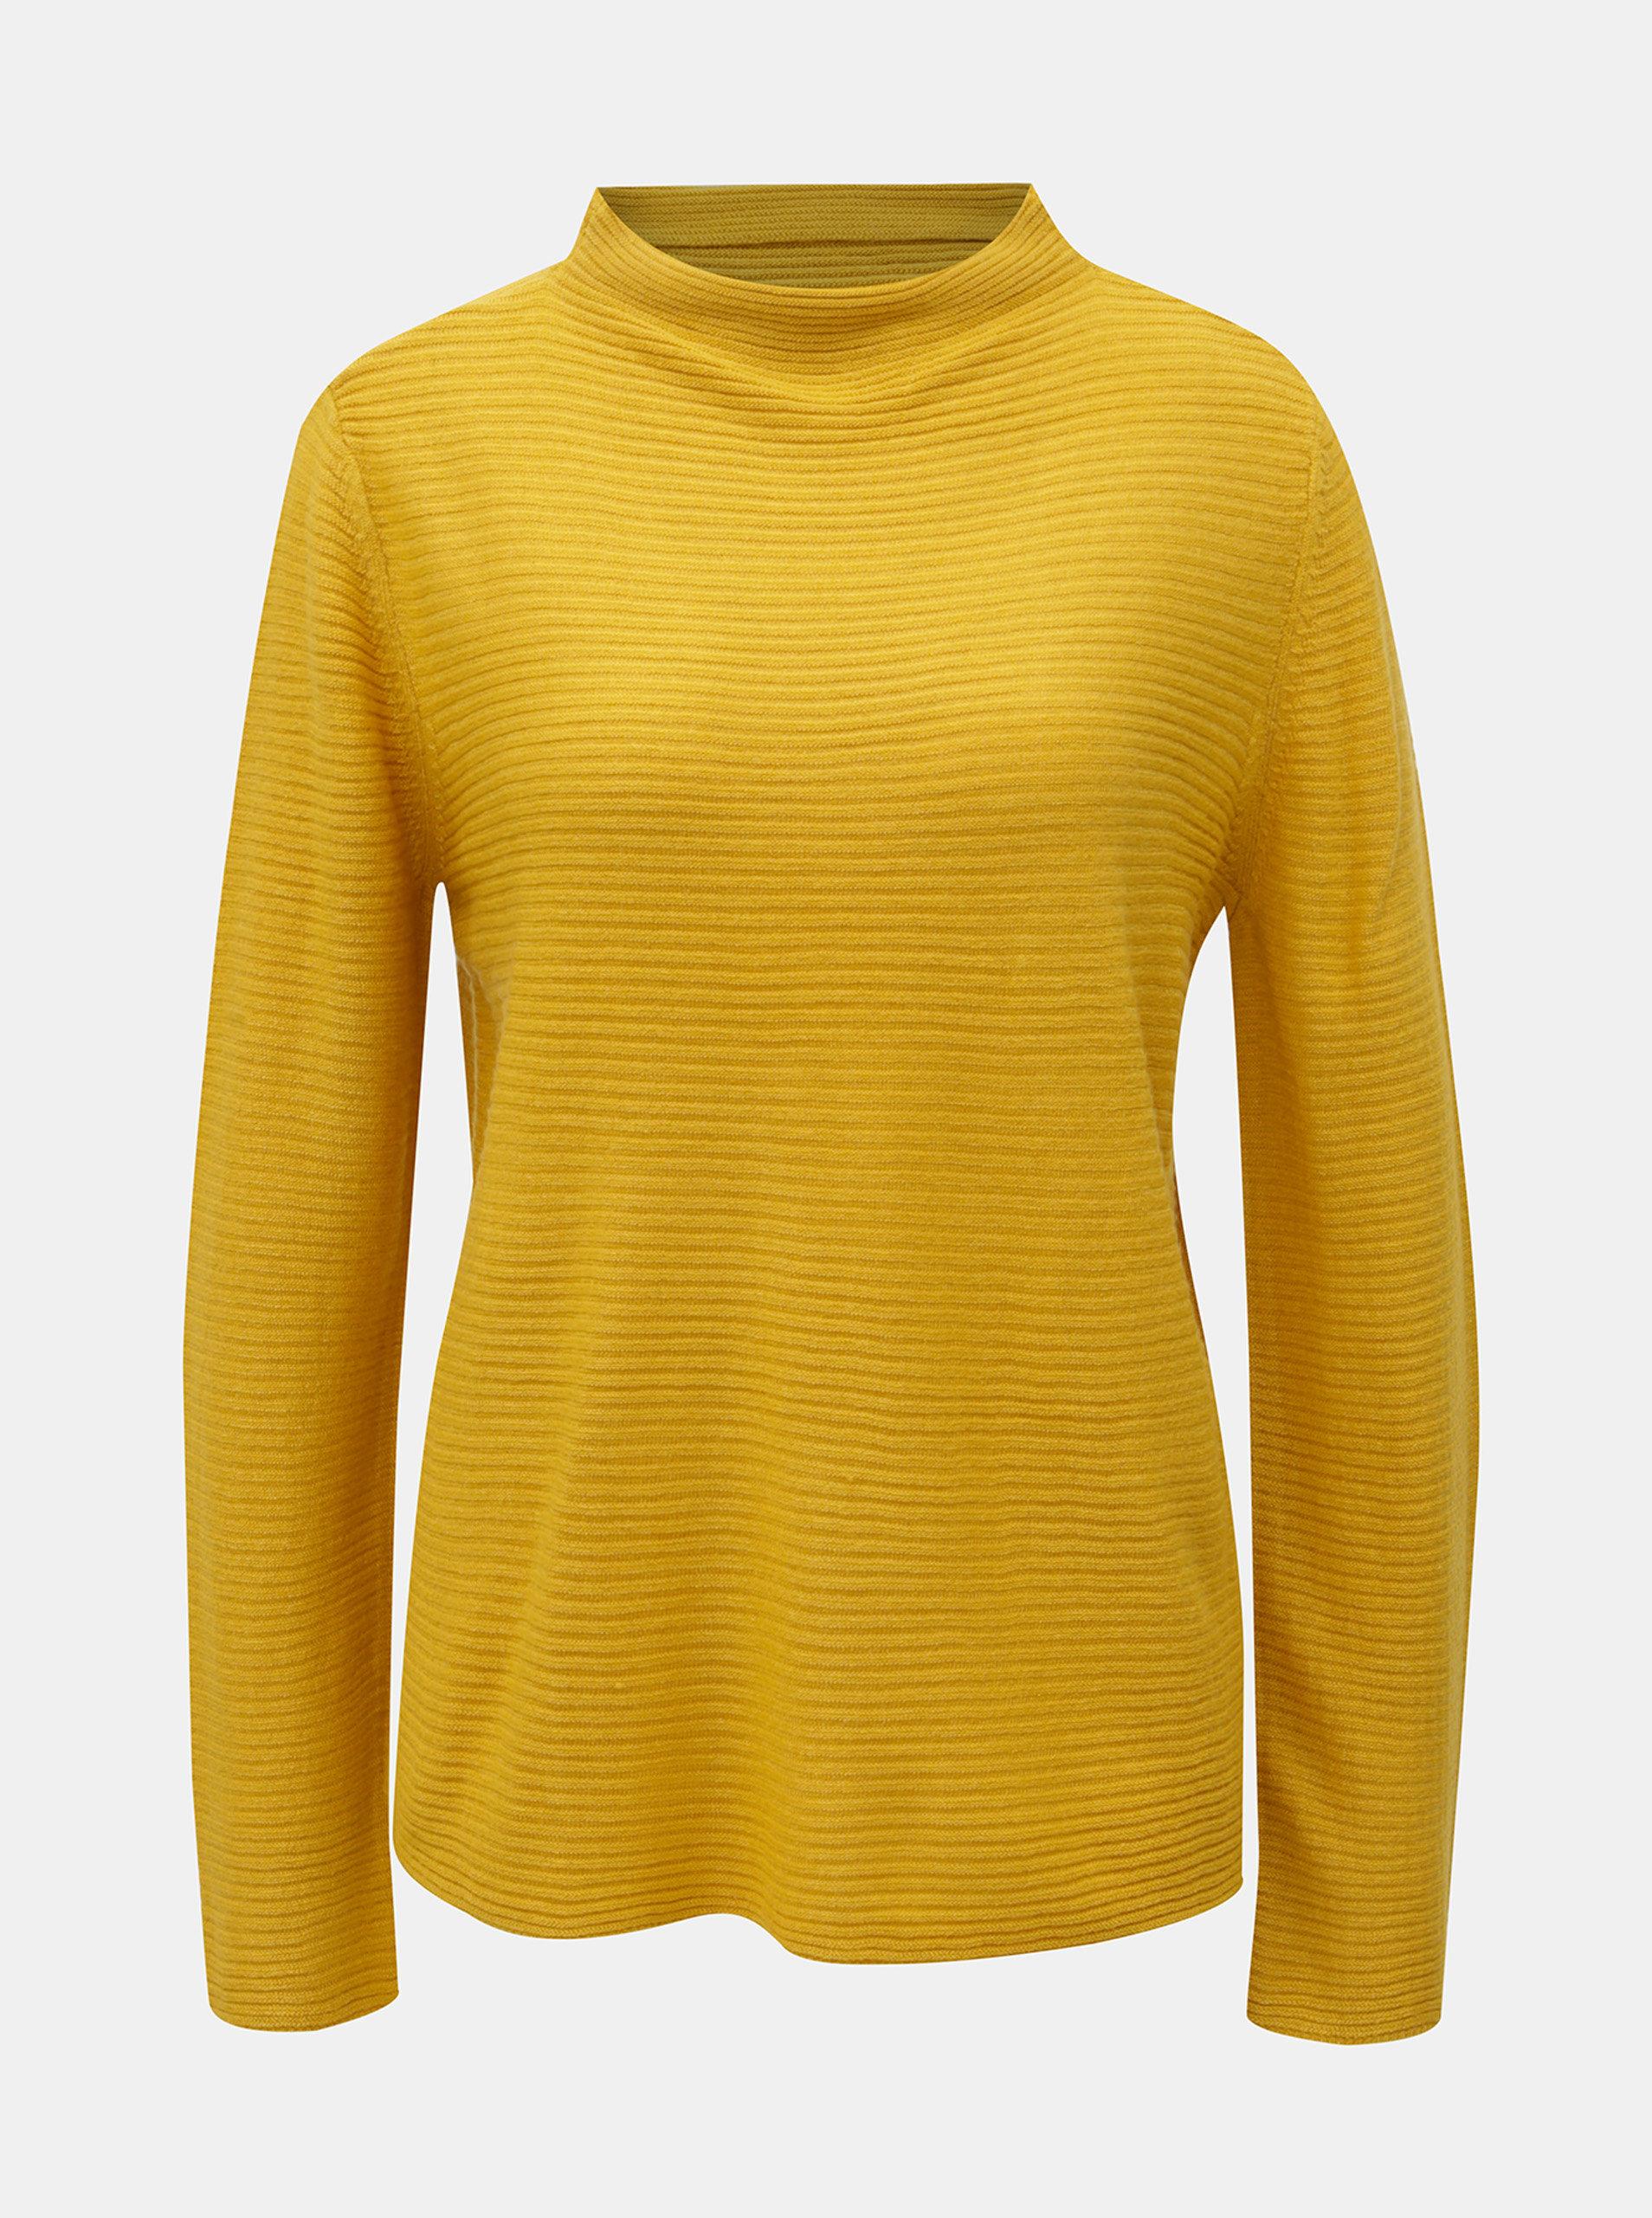 Žlutý žebrovaný svetr se stojáčkem Jacqueline de Yong